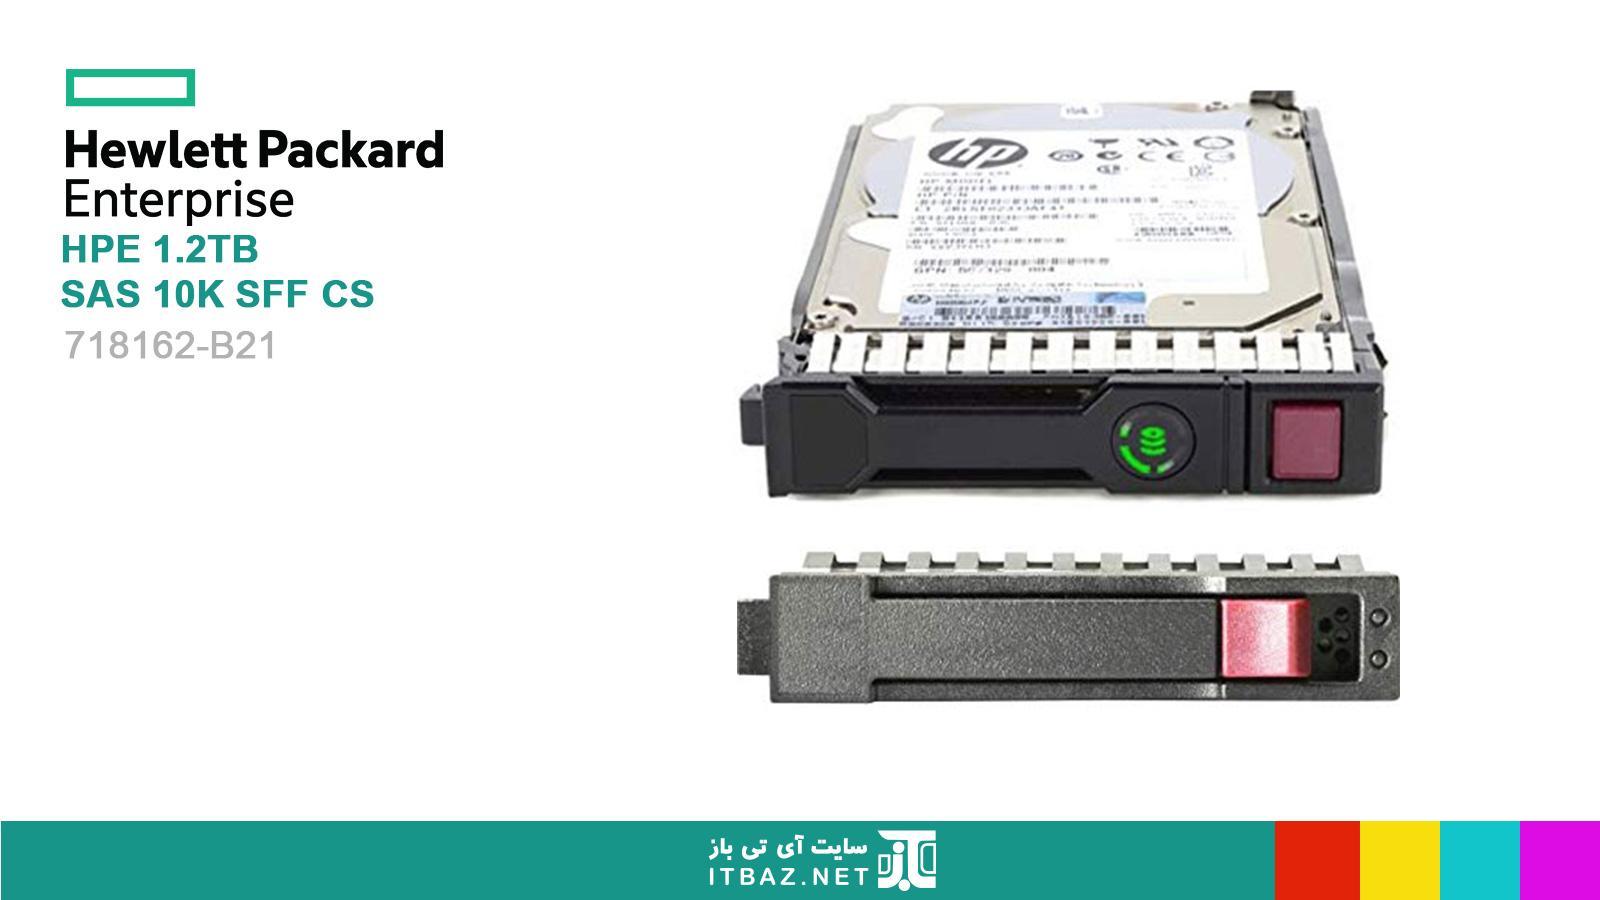 هارد سرور HPE 1.2TB SAS 10K SFF